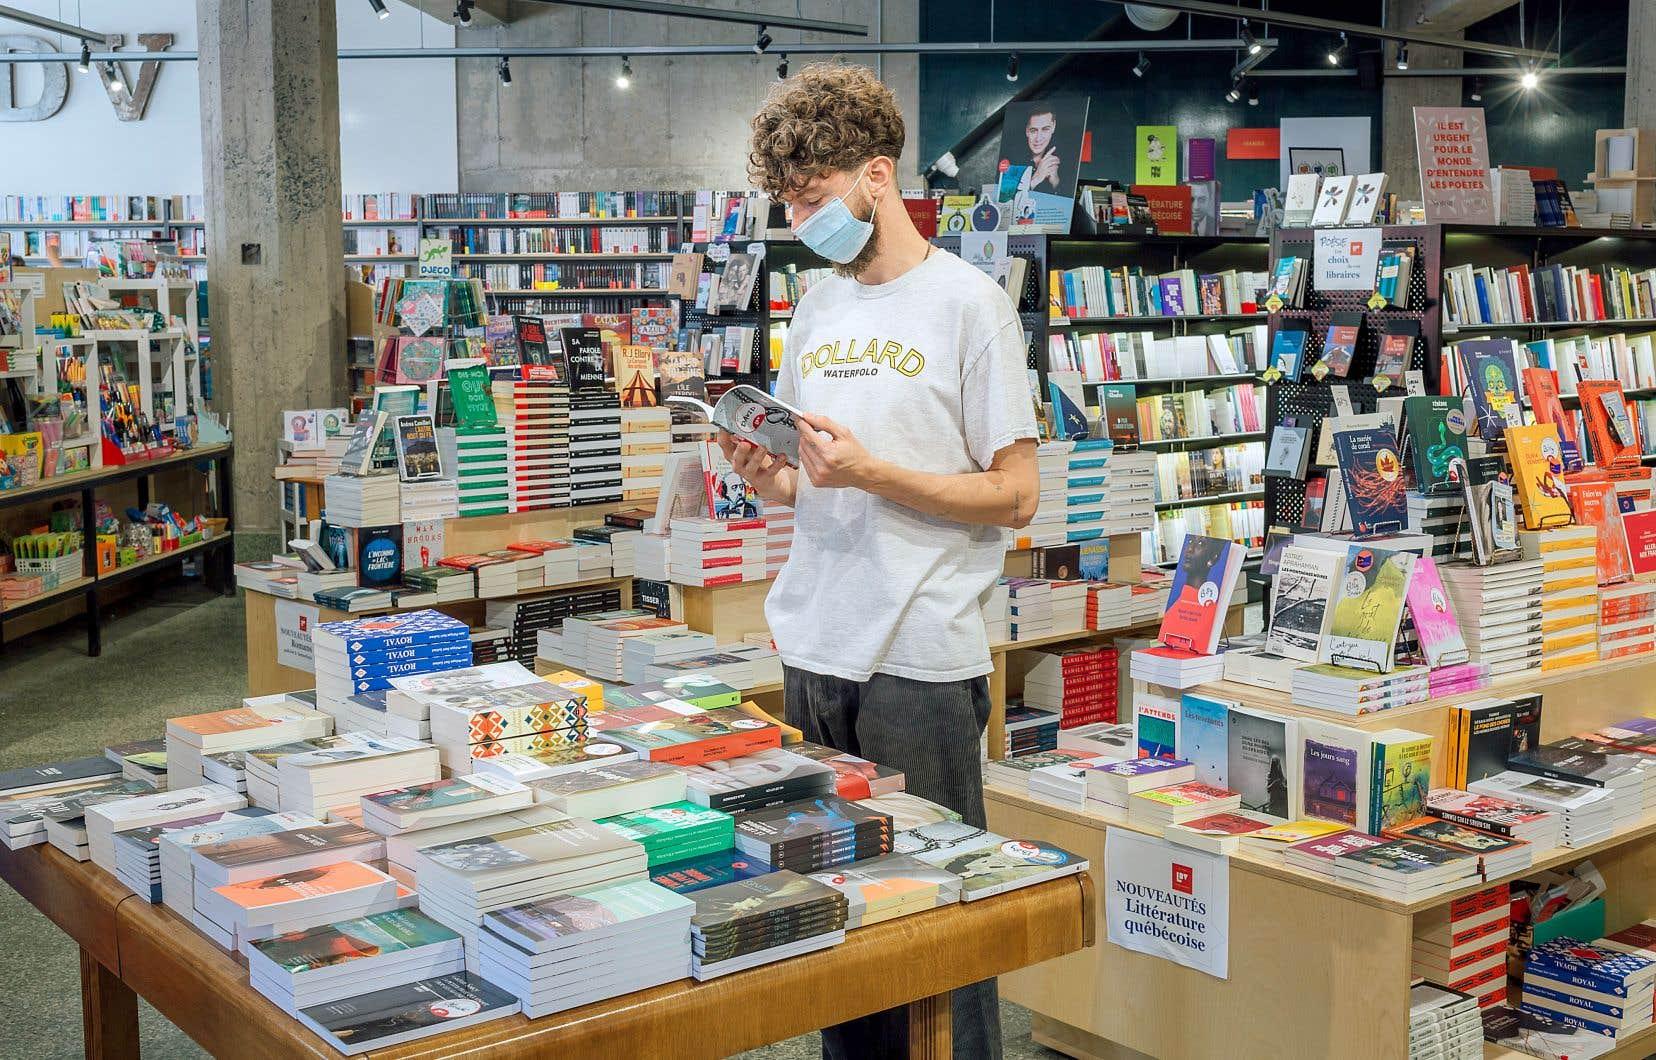 80% des livres vendus dans les librairies indépendantes le 12 août étaient des livres québécois, selon les compilations Gaspard que la Banque de titres de langue française a dévoilées jeudi.